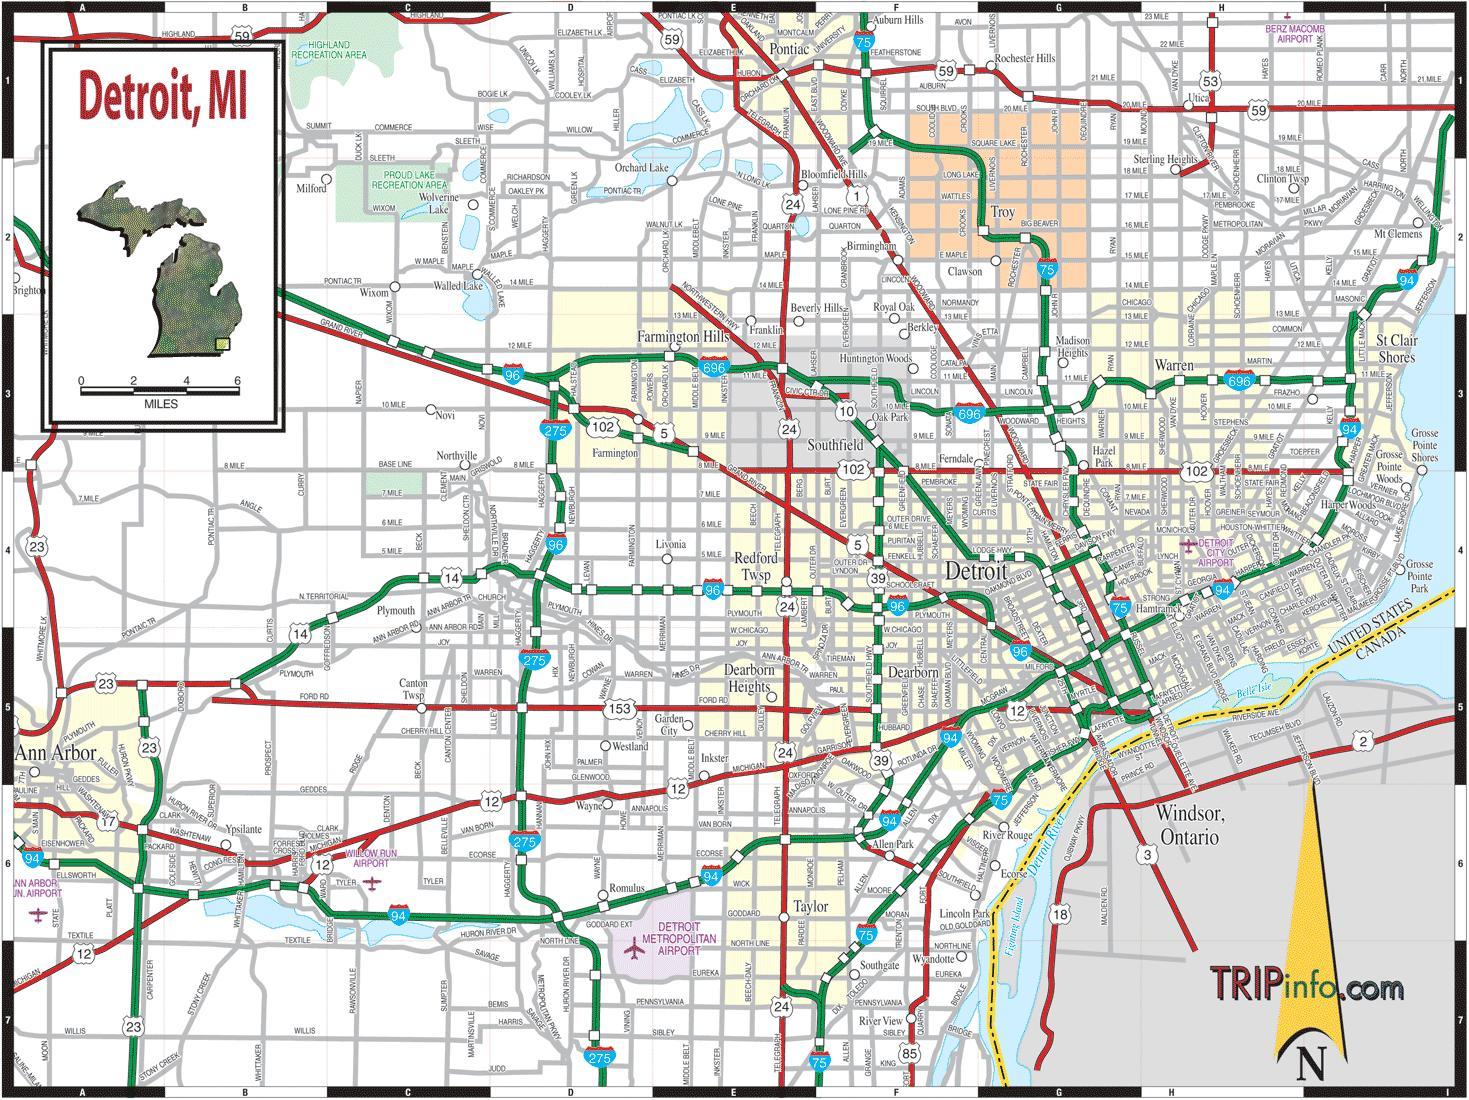 Detroit Mi Map Map Of Detroit Mi Michigan USA - Michigan map usa